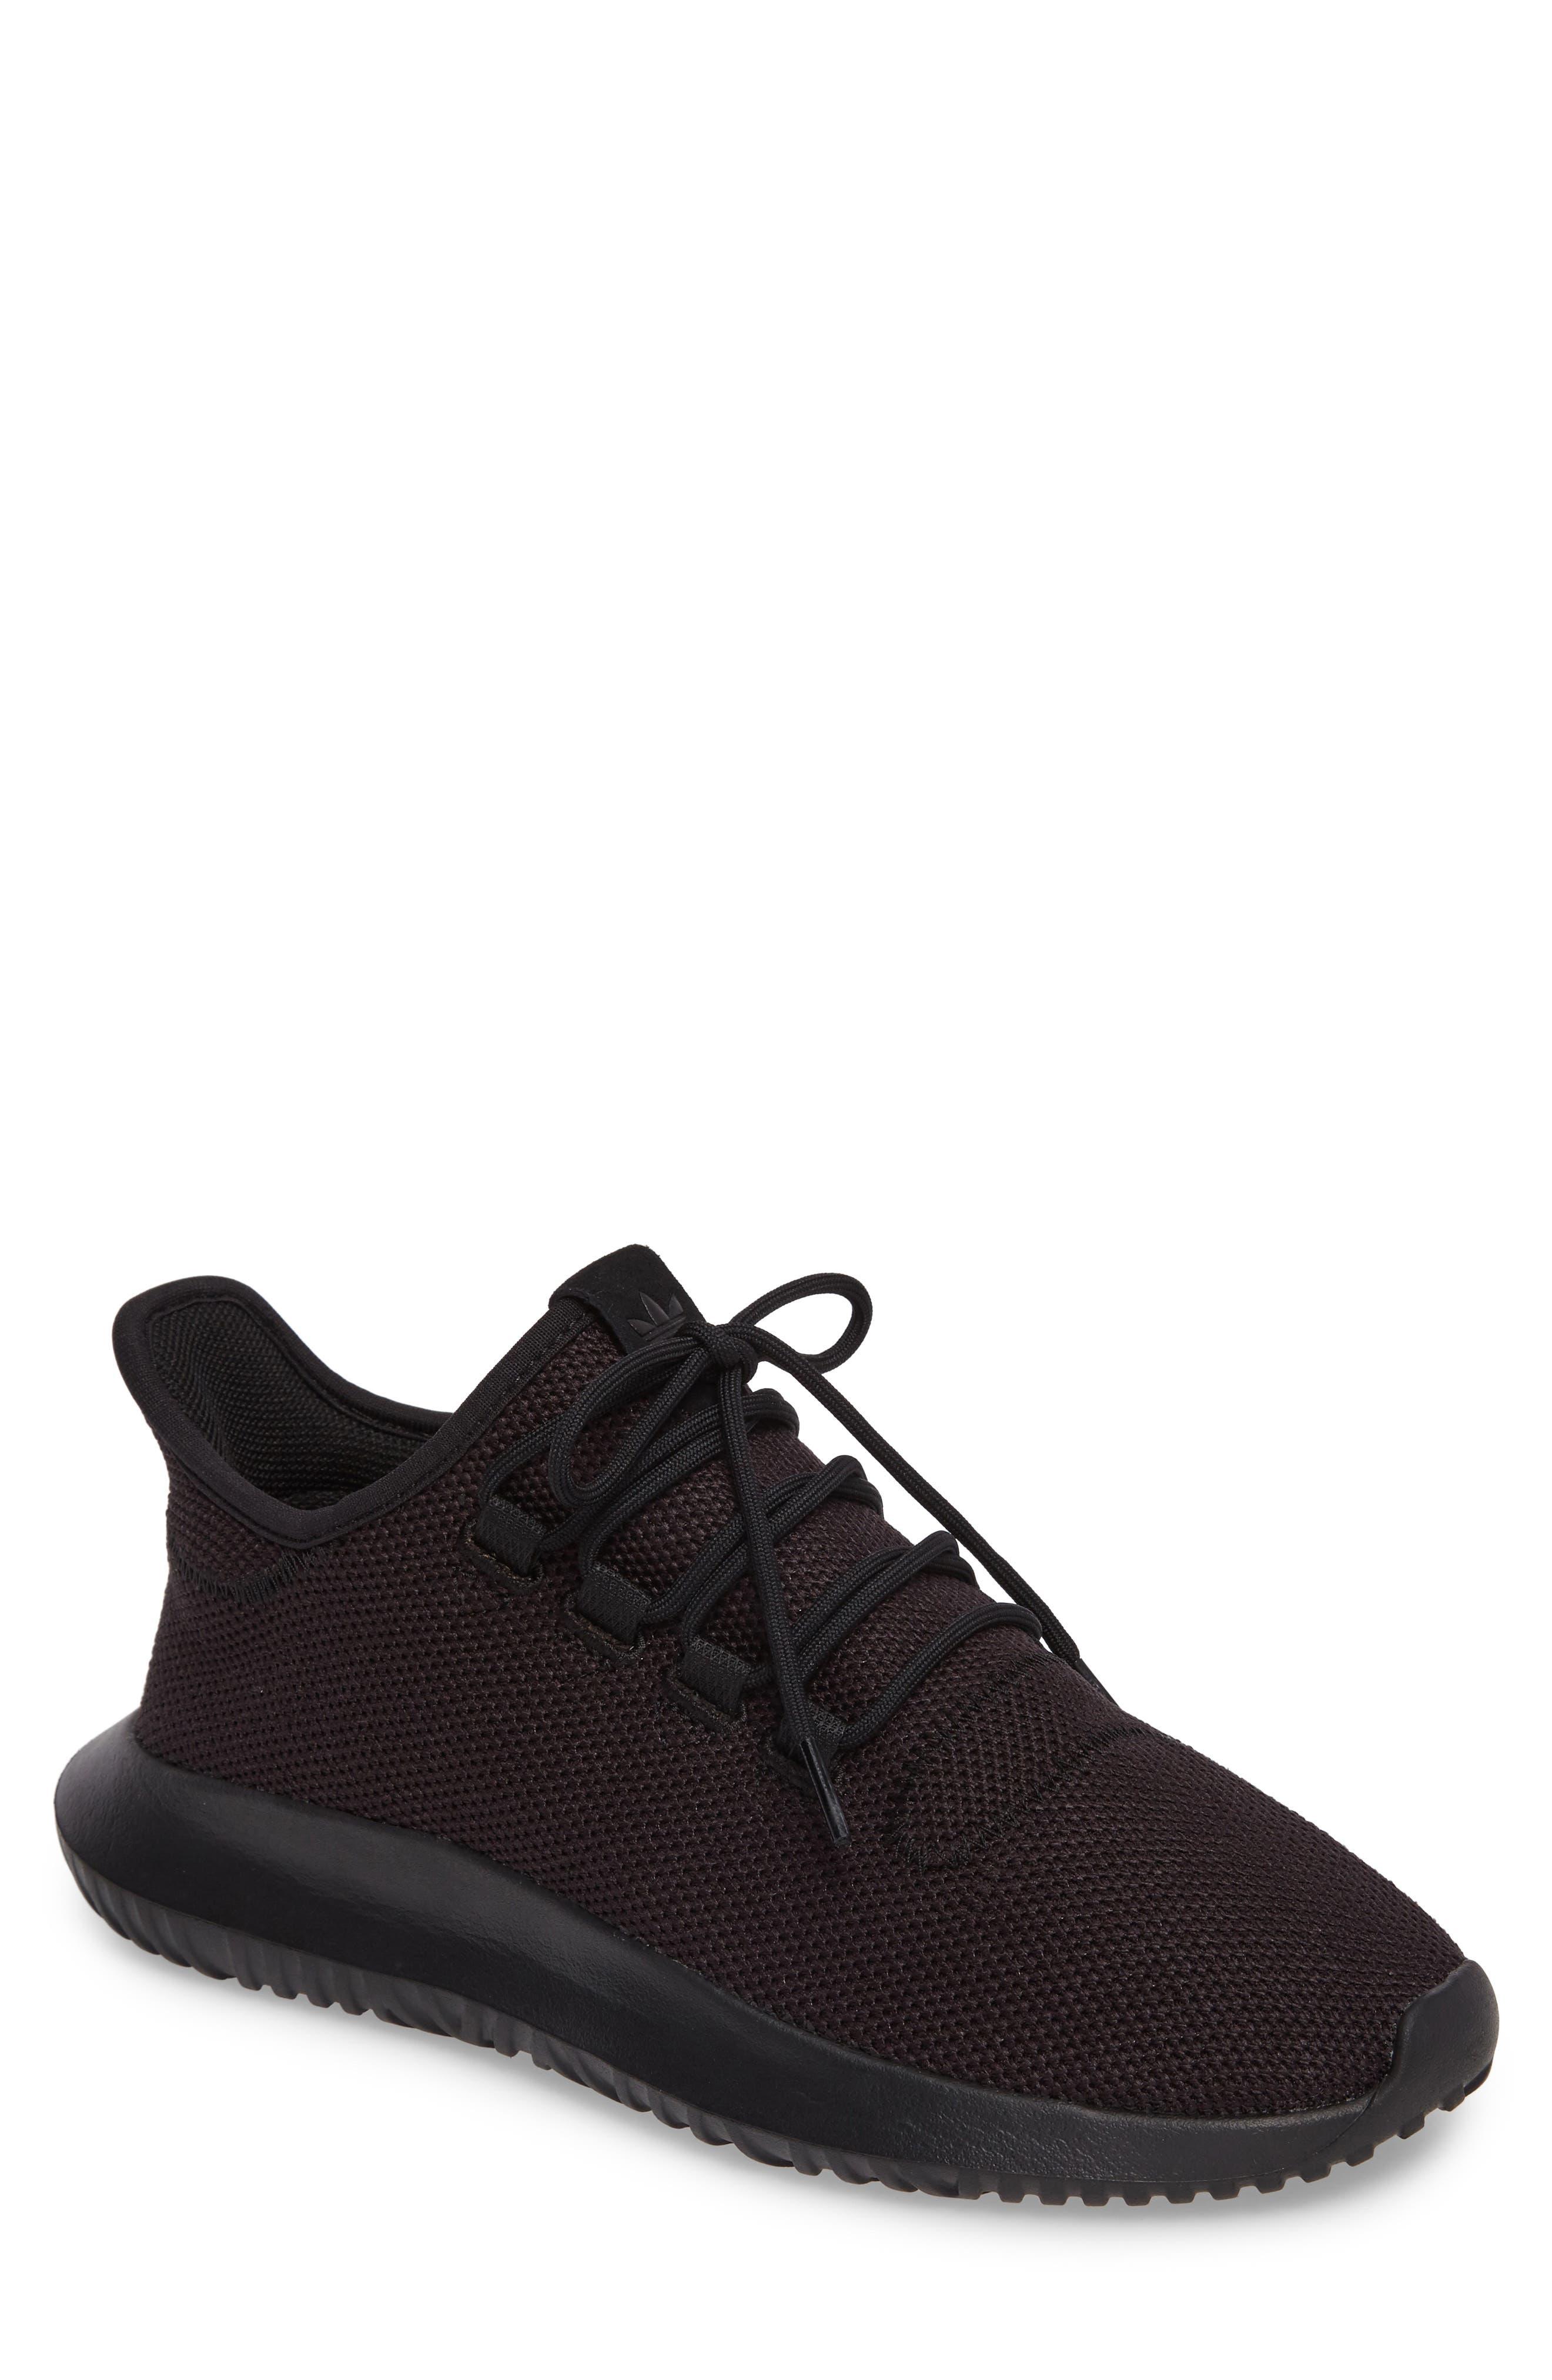 Tubular Shadow Sneaker,                             Main thumbnail 1, color,                             Core Black/ White/ Core Black